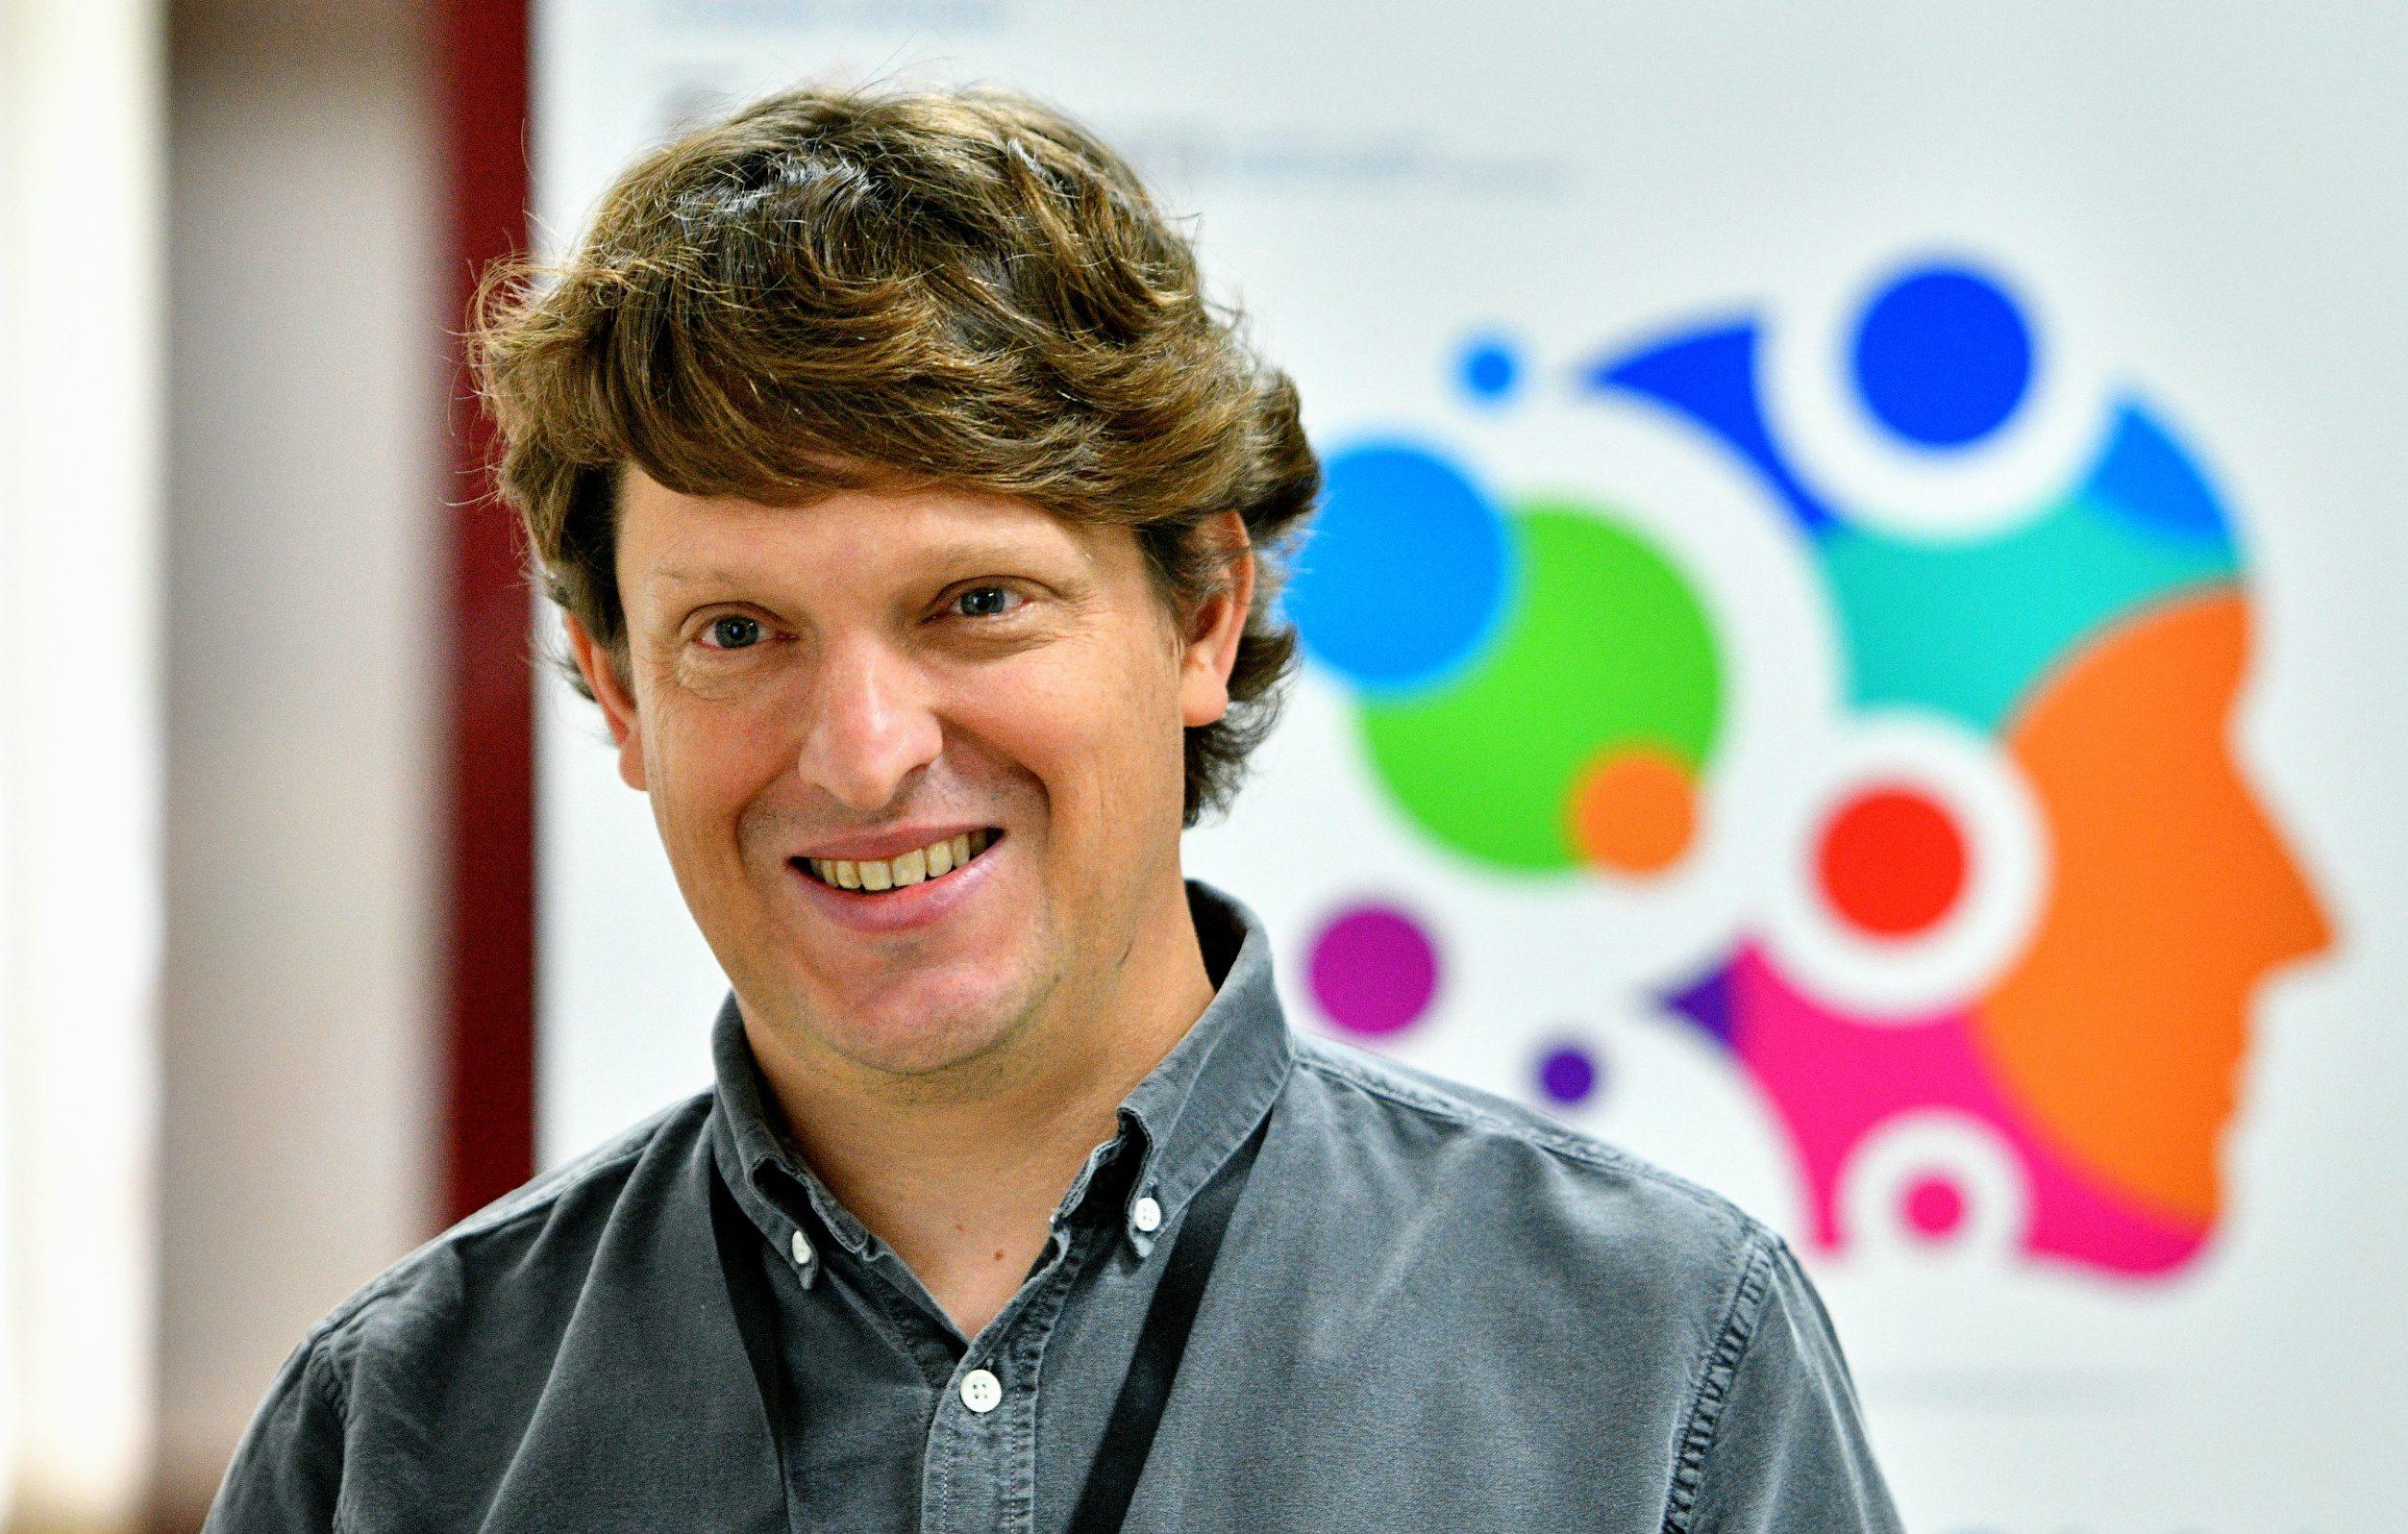 Luke Robinson, akademski stručnjak s iskustvom rada na Sveučilištima Cambridge i Oxford i partner u kompaniji Post Urban Ventures